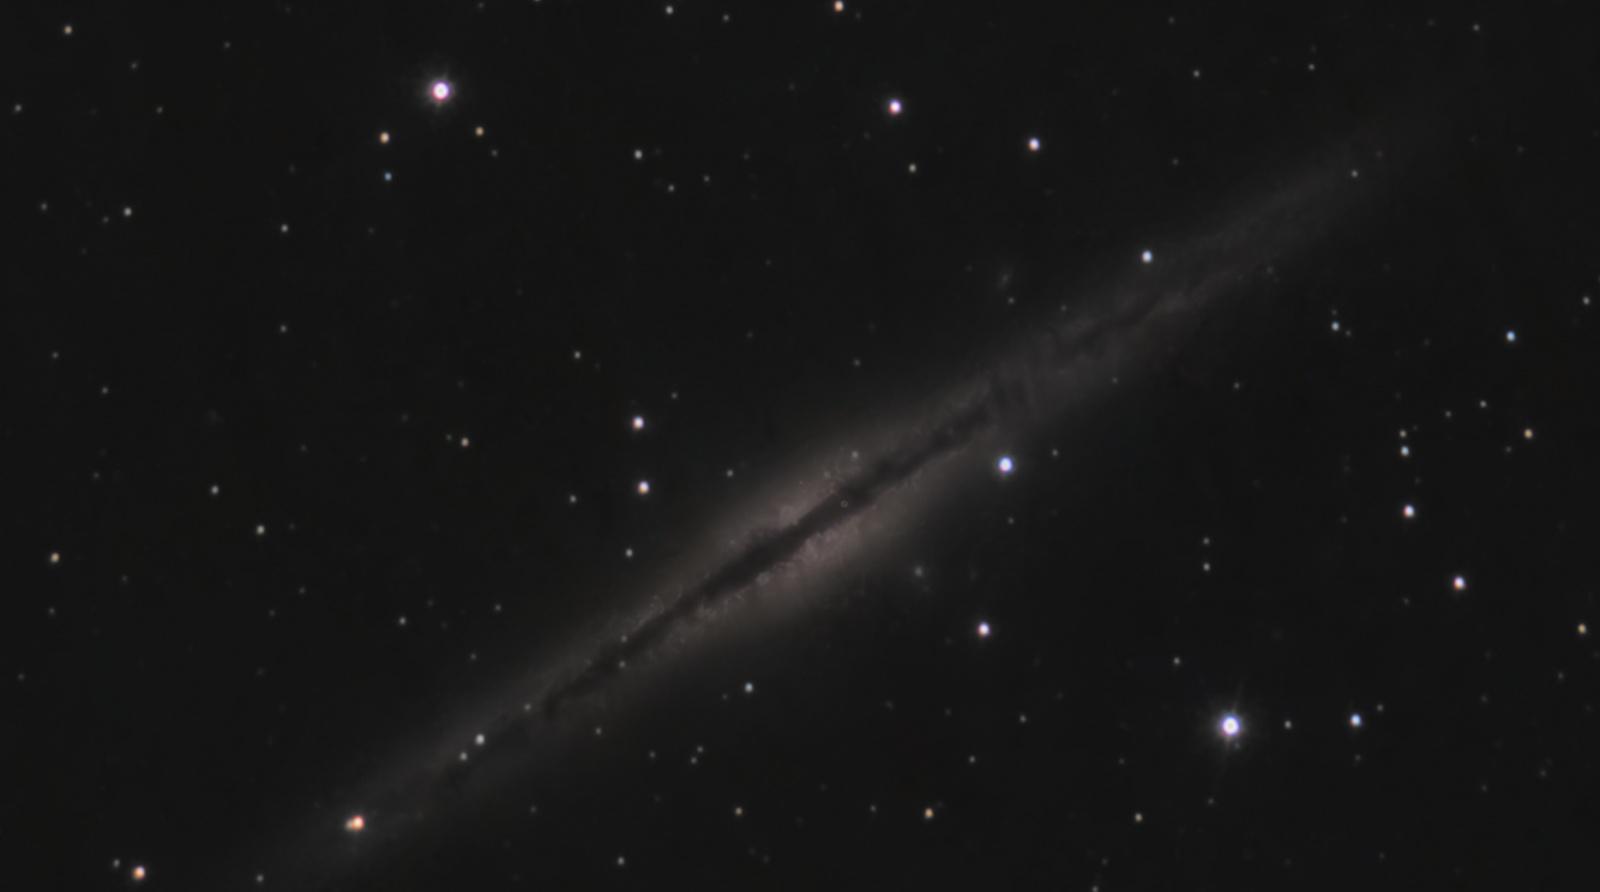 NGC891_upscale_cr.thumb.jpg.ee613da22443bbfa4e7ae5868f7db2a1.jpg